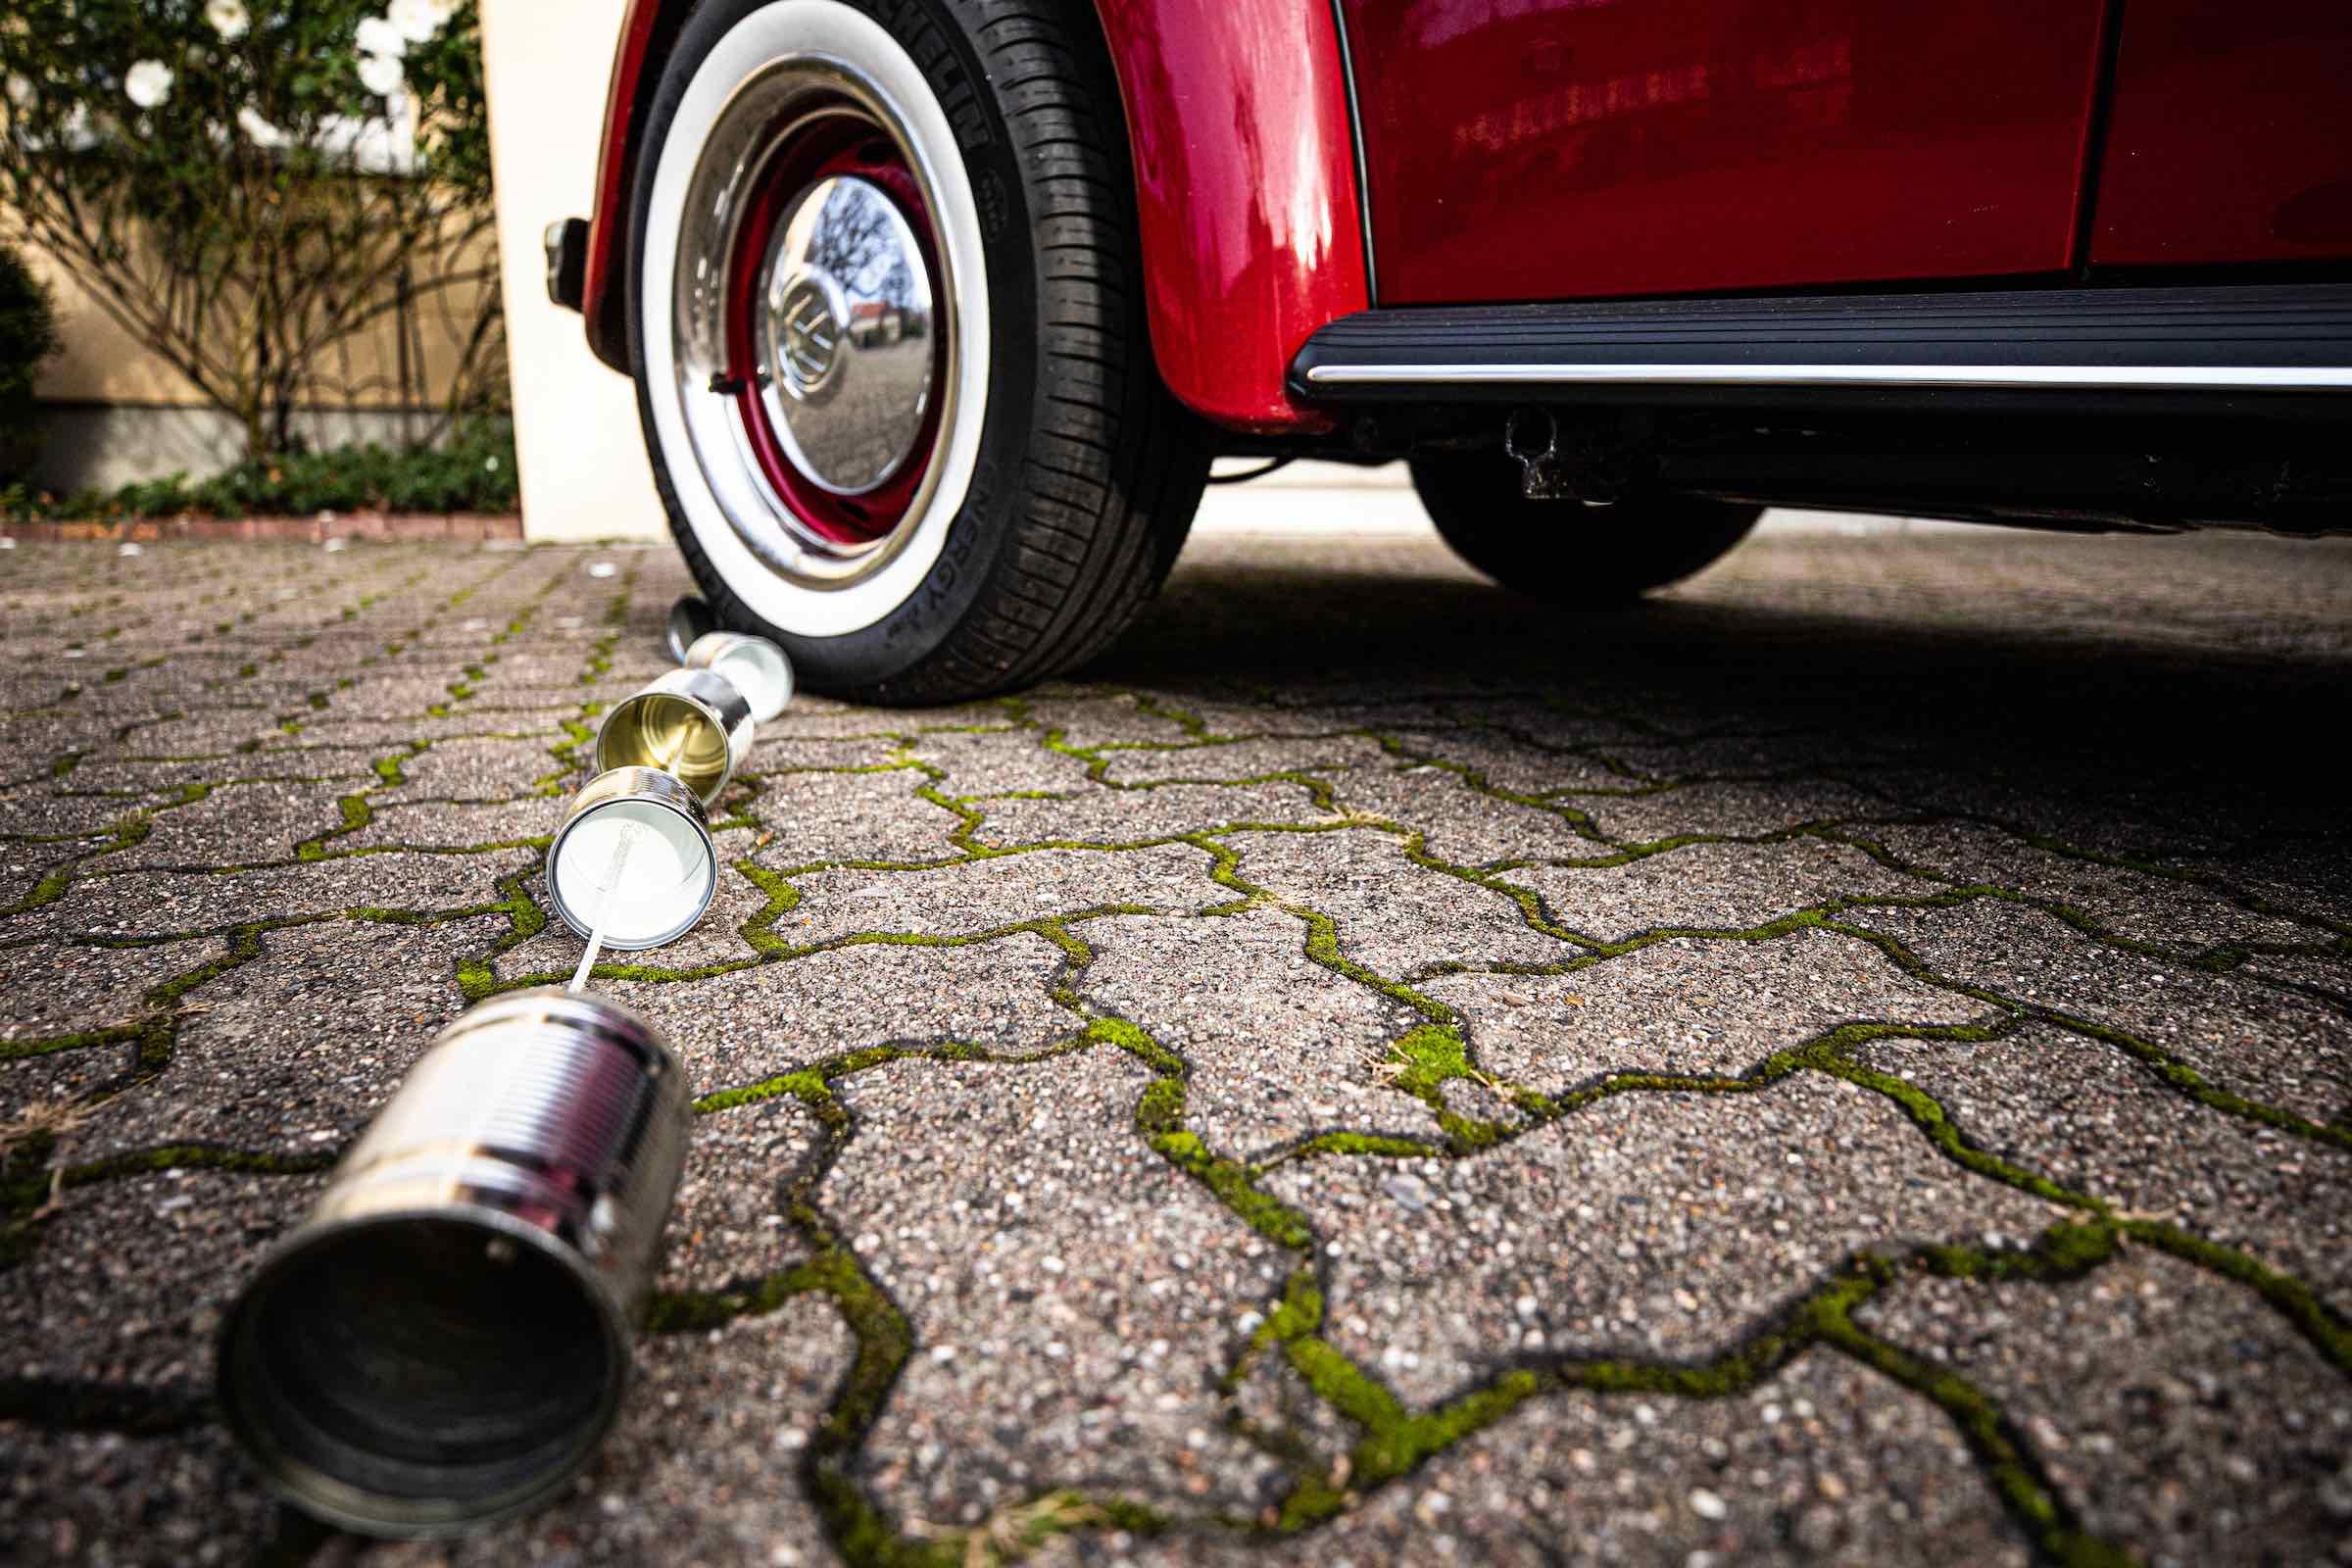 Hochzeitsauto | Oldtimer | Hochzeit | Auto | Hochzeit | Brautwagen | Brautauto | VW | Käfer | VW | T1 | T2 | T3 | | Event | Fahrzeuge | Mieten | Buchen | Anfragen | Hannover